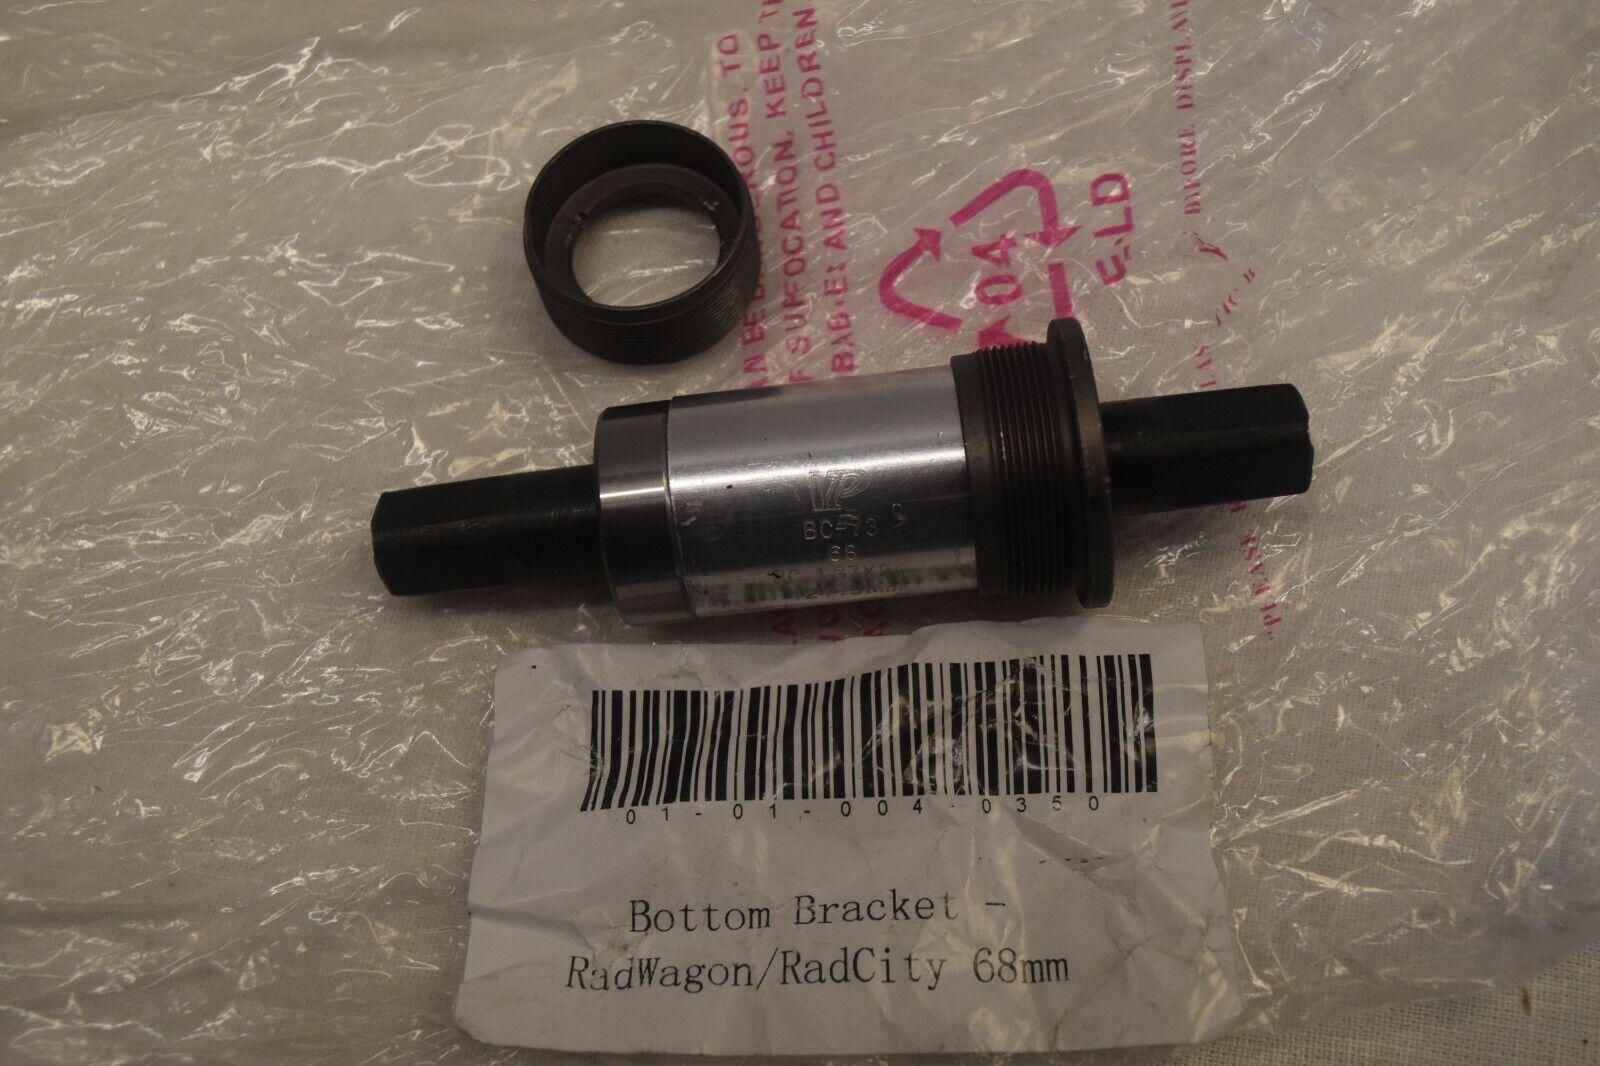 Soporte inferior radwagon radcity 68mm